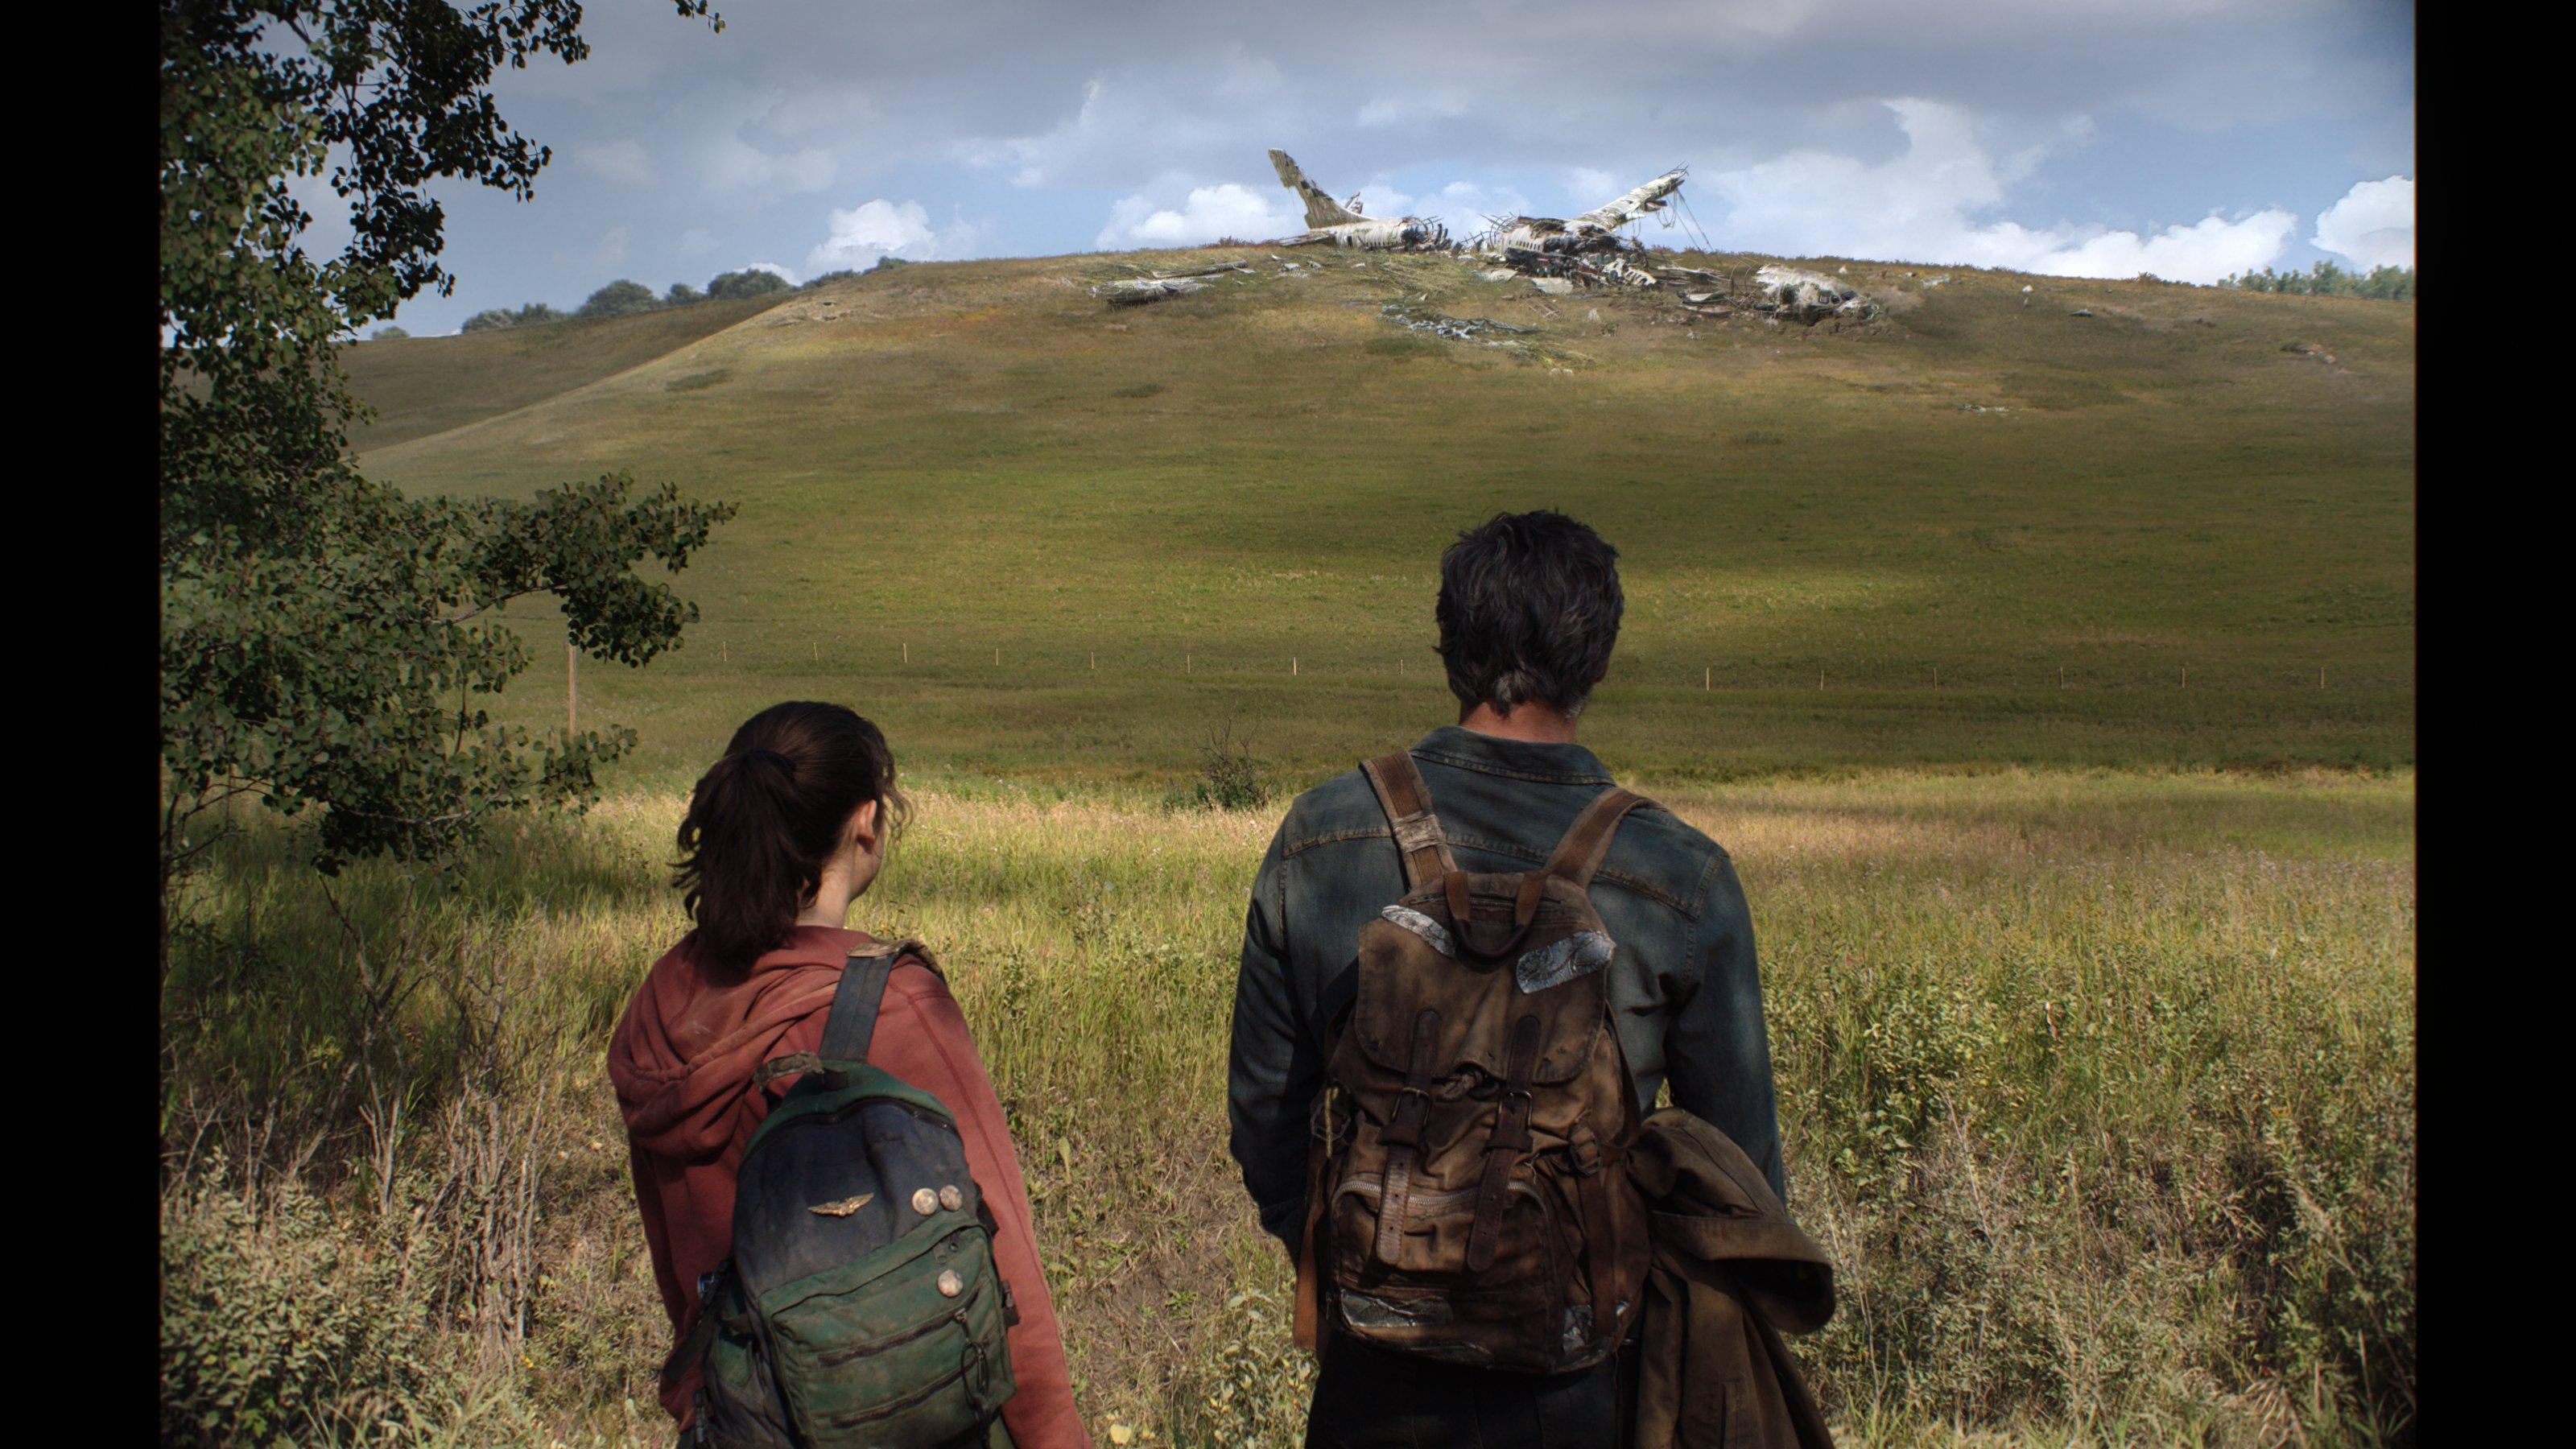 The Last of Us | Novas Imagens do set mostram Pedro Pascoal e Bella Ramsay como Joel e Ellie